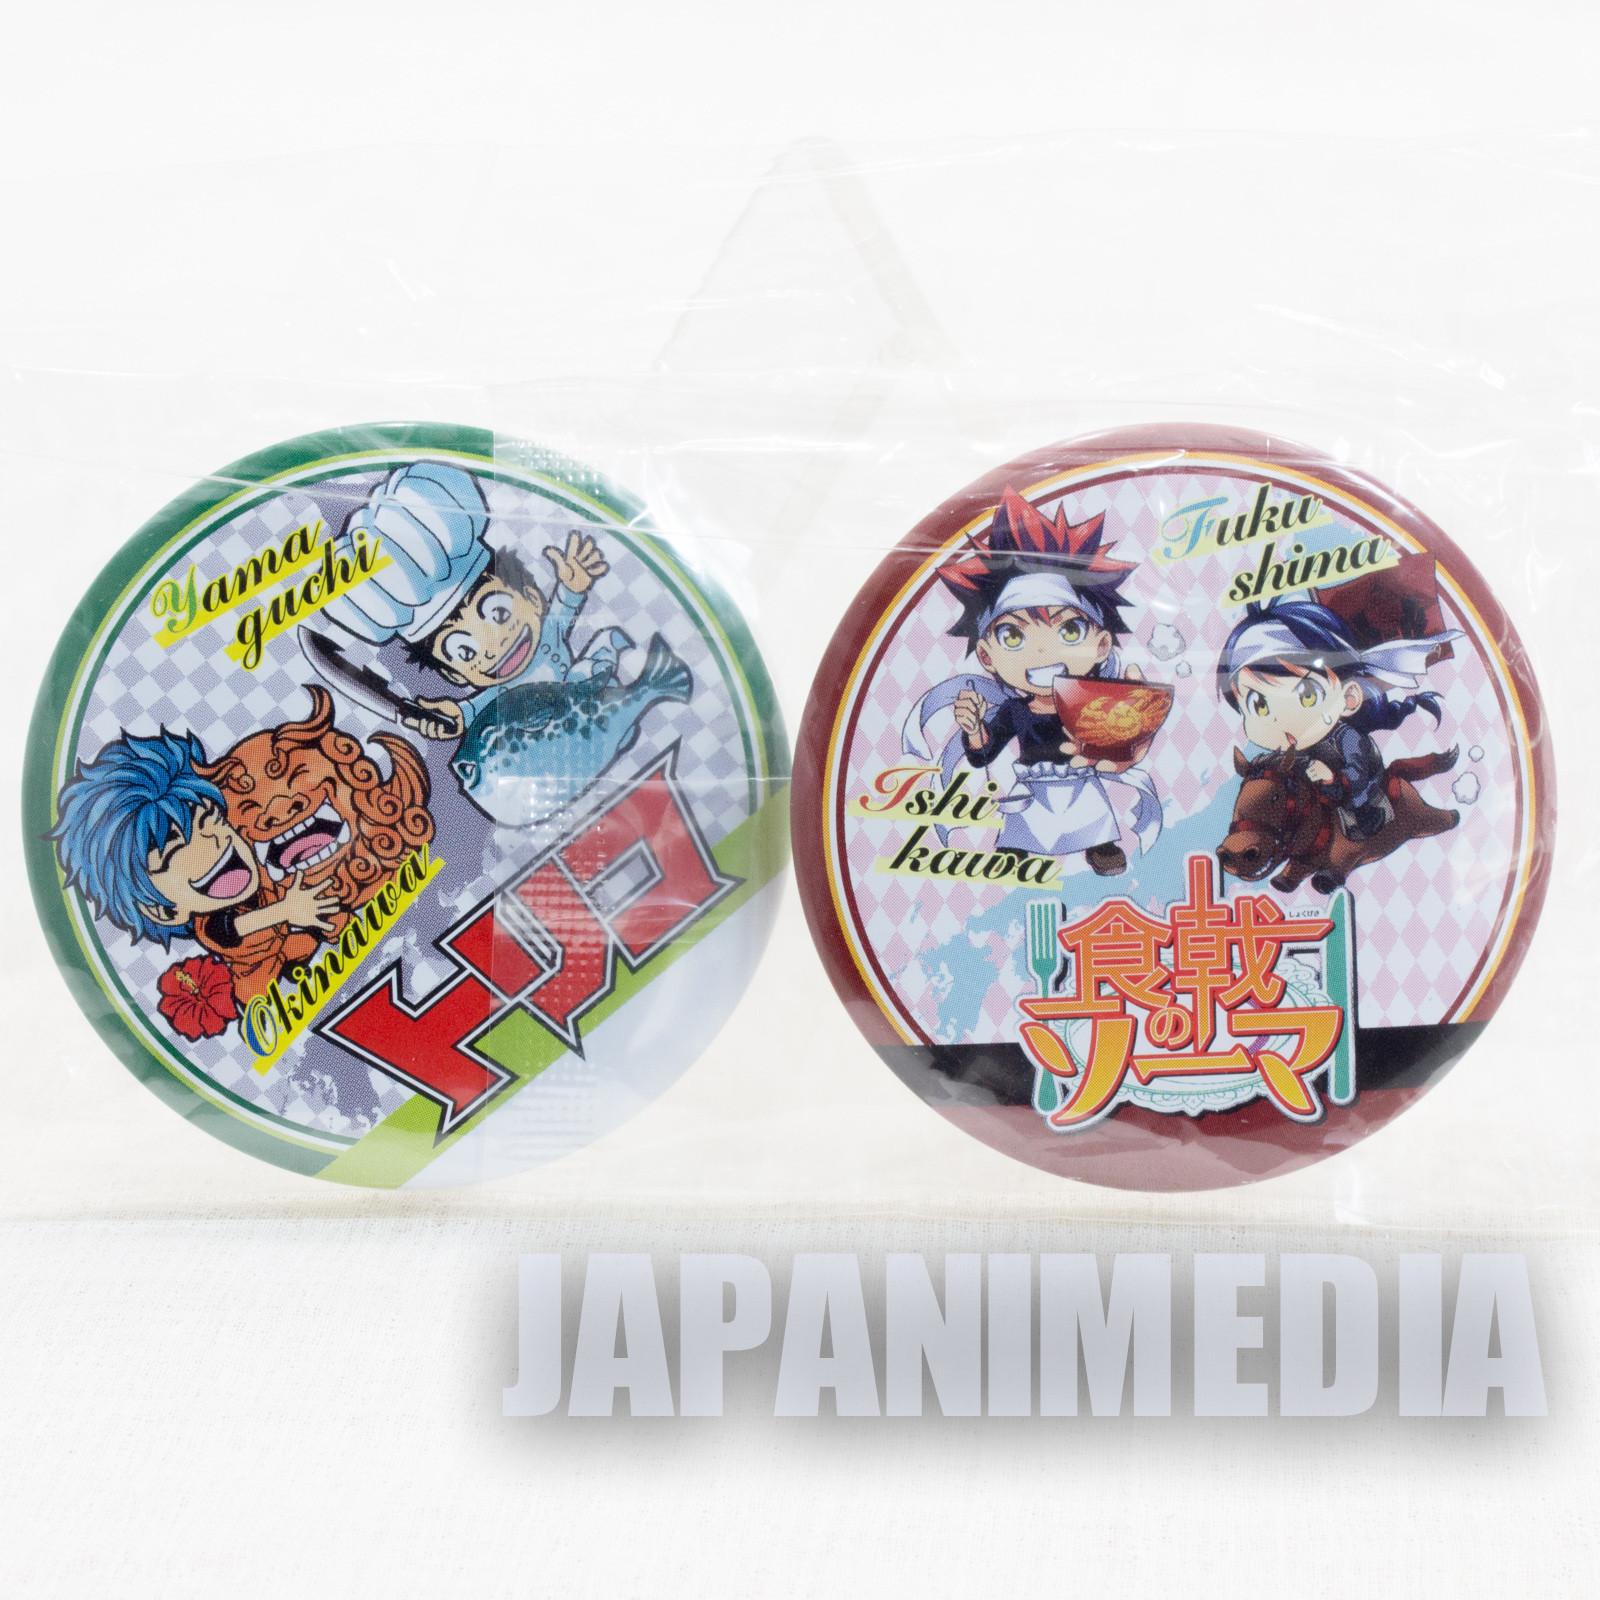 Food Wars!: Shokugeki no Soma Soma Yukihira & Megumi Tadokoro / Toriko Toriko & Komatsu Button Badge 2pc Set JAPAN ANIME SHONEN JUMP